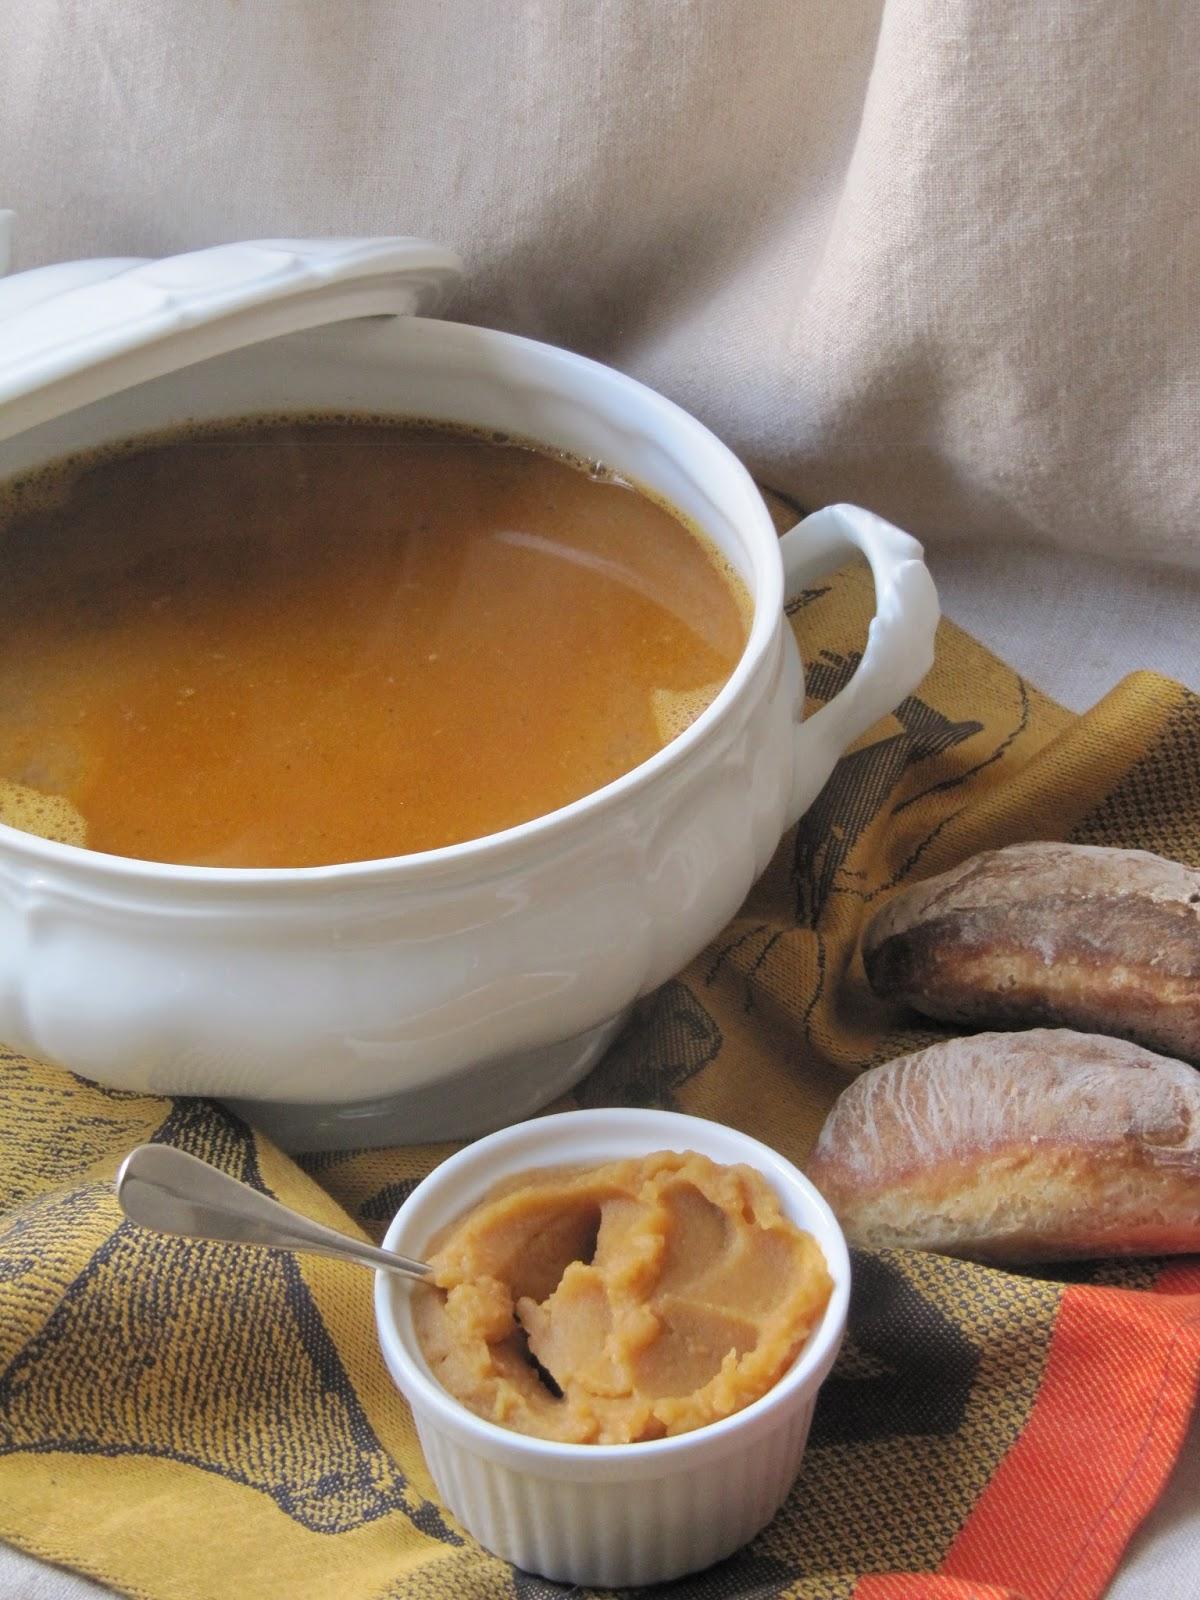 La cuisine d 39 ici et d 39 isca soupe de poisson avec des parures - Cuisine soupe de poisson ...